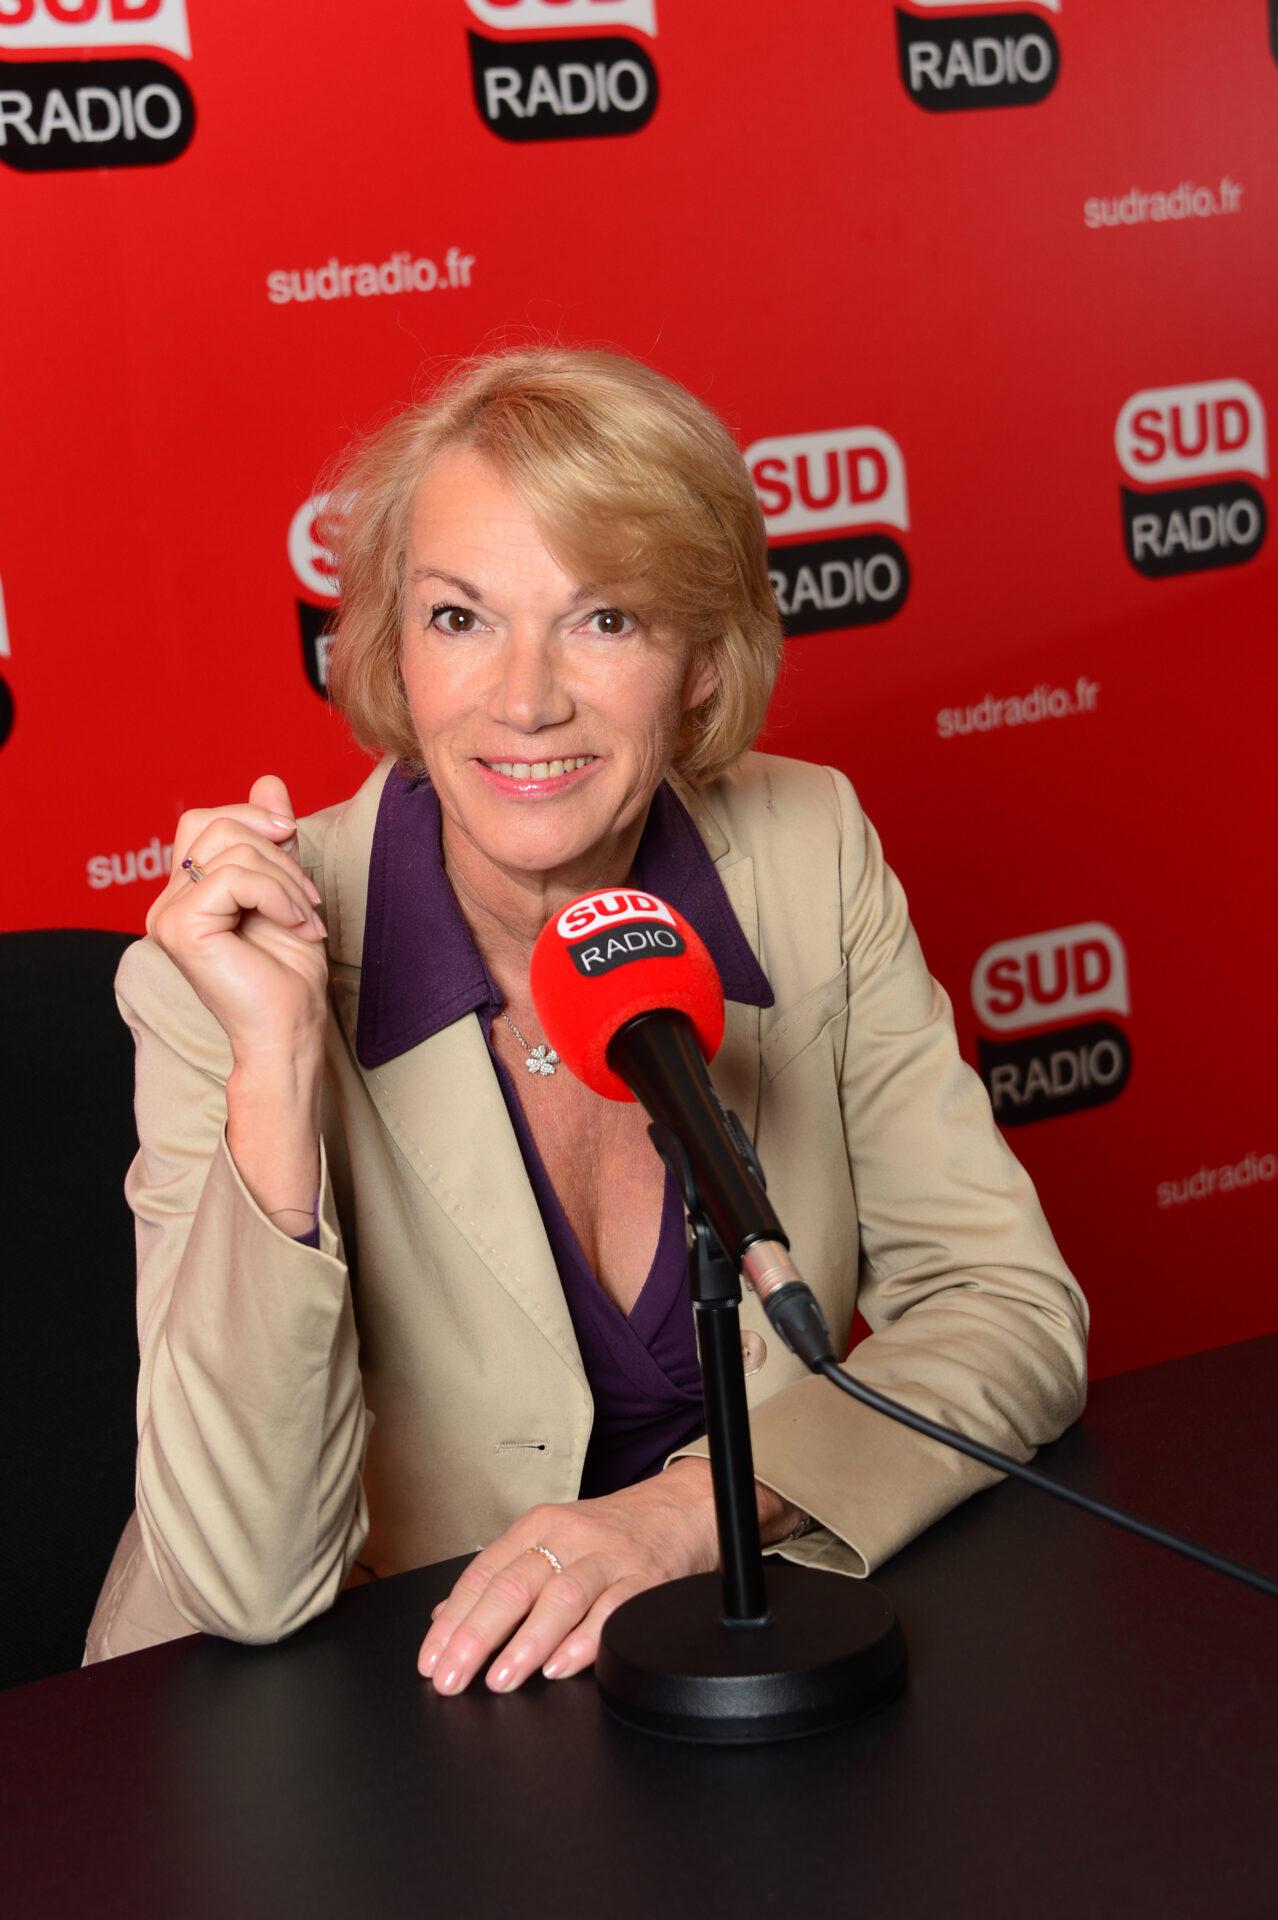 Brigitte Lahaie de 14h à 16h sur Sud Radio